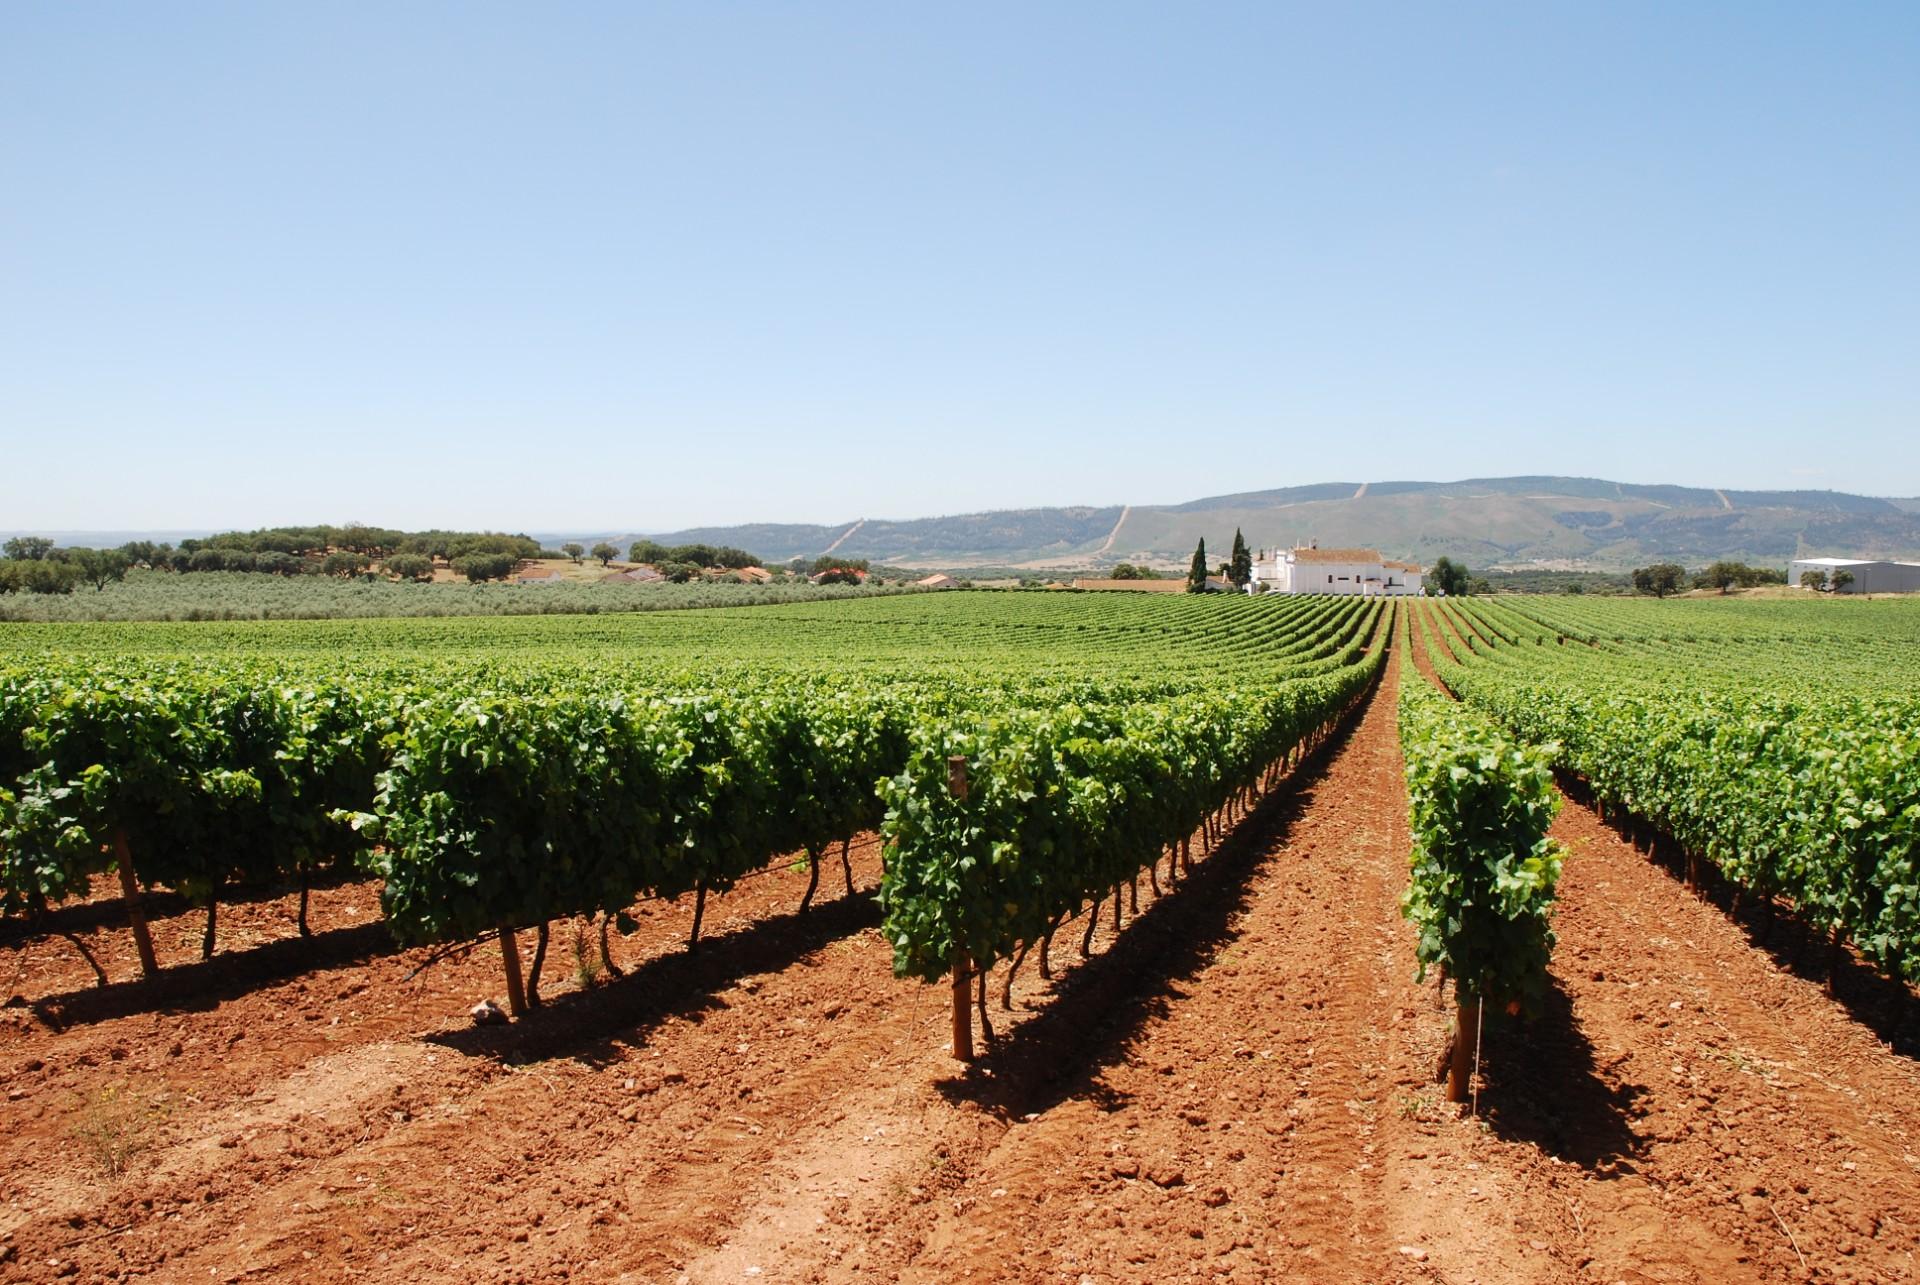 Enotourism: The Best Secrets For Wine Lovers enotourism Enotourism: The Best Secrets For Wine Lovers dsc 5738